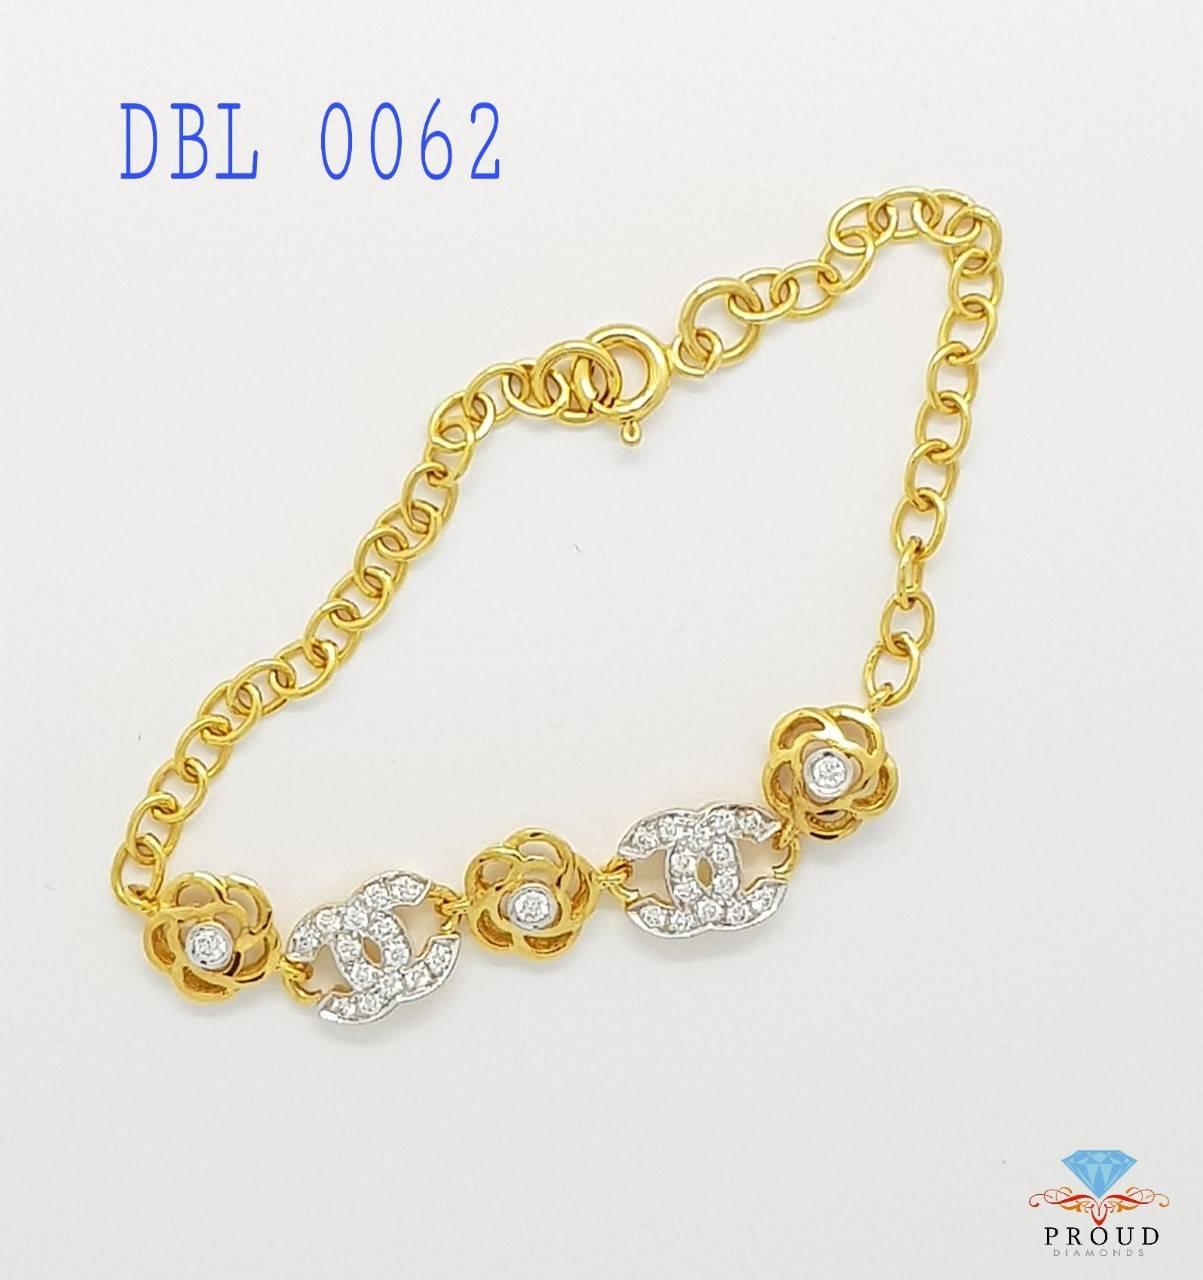 สร้อยข้อมือเพชร Chanel DBL 0062